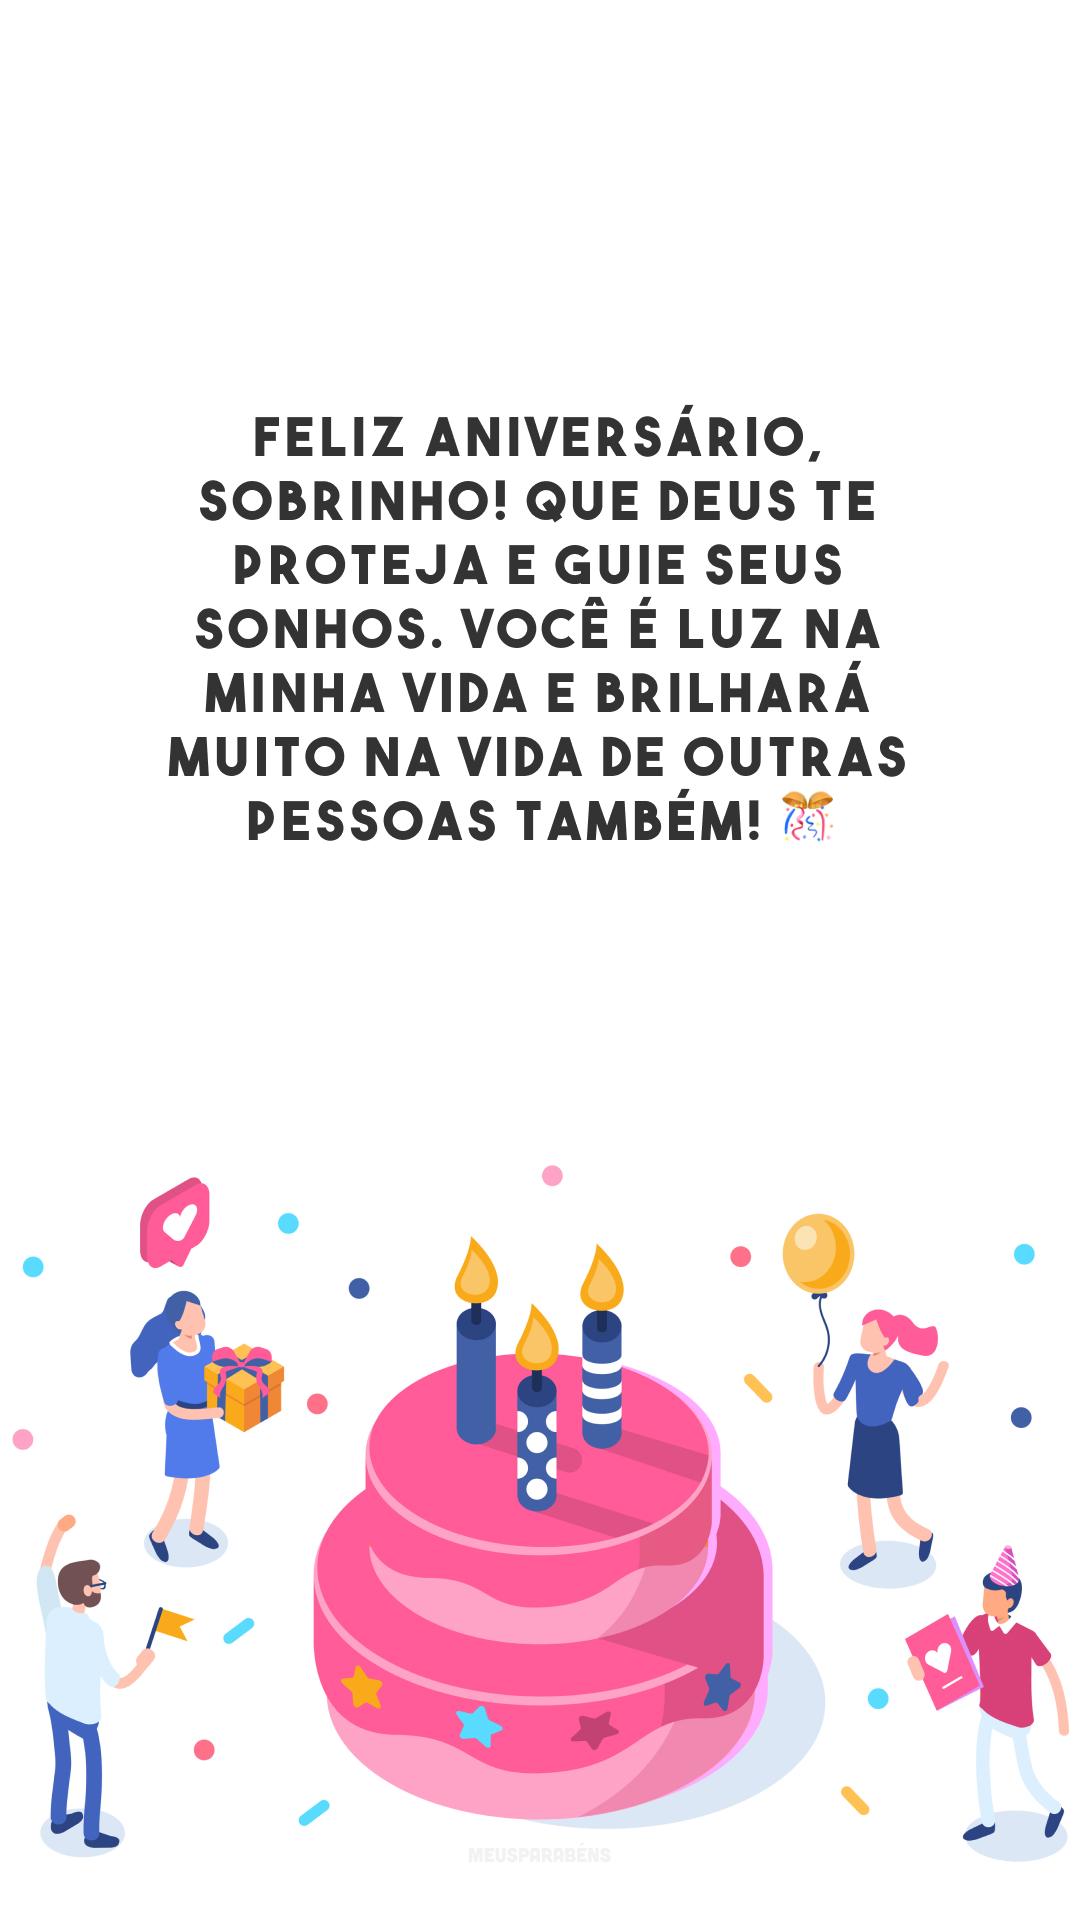 Feliz aniversário, sobrinho! Que Deus te proteja e guie seus sonhos. Você é luz na minha vida e brilhará muito na vida de outras pessoas também! 🎊